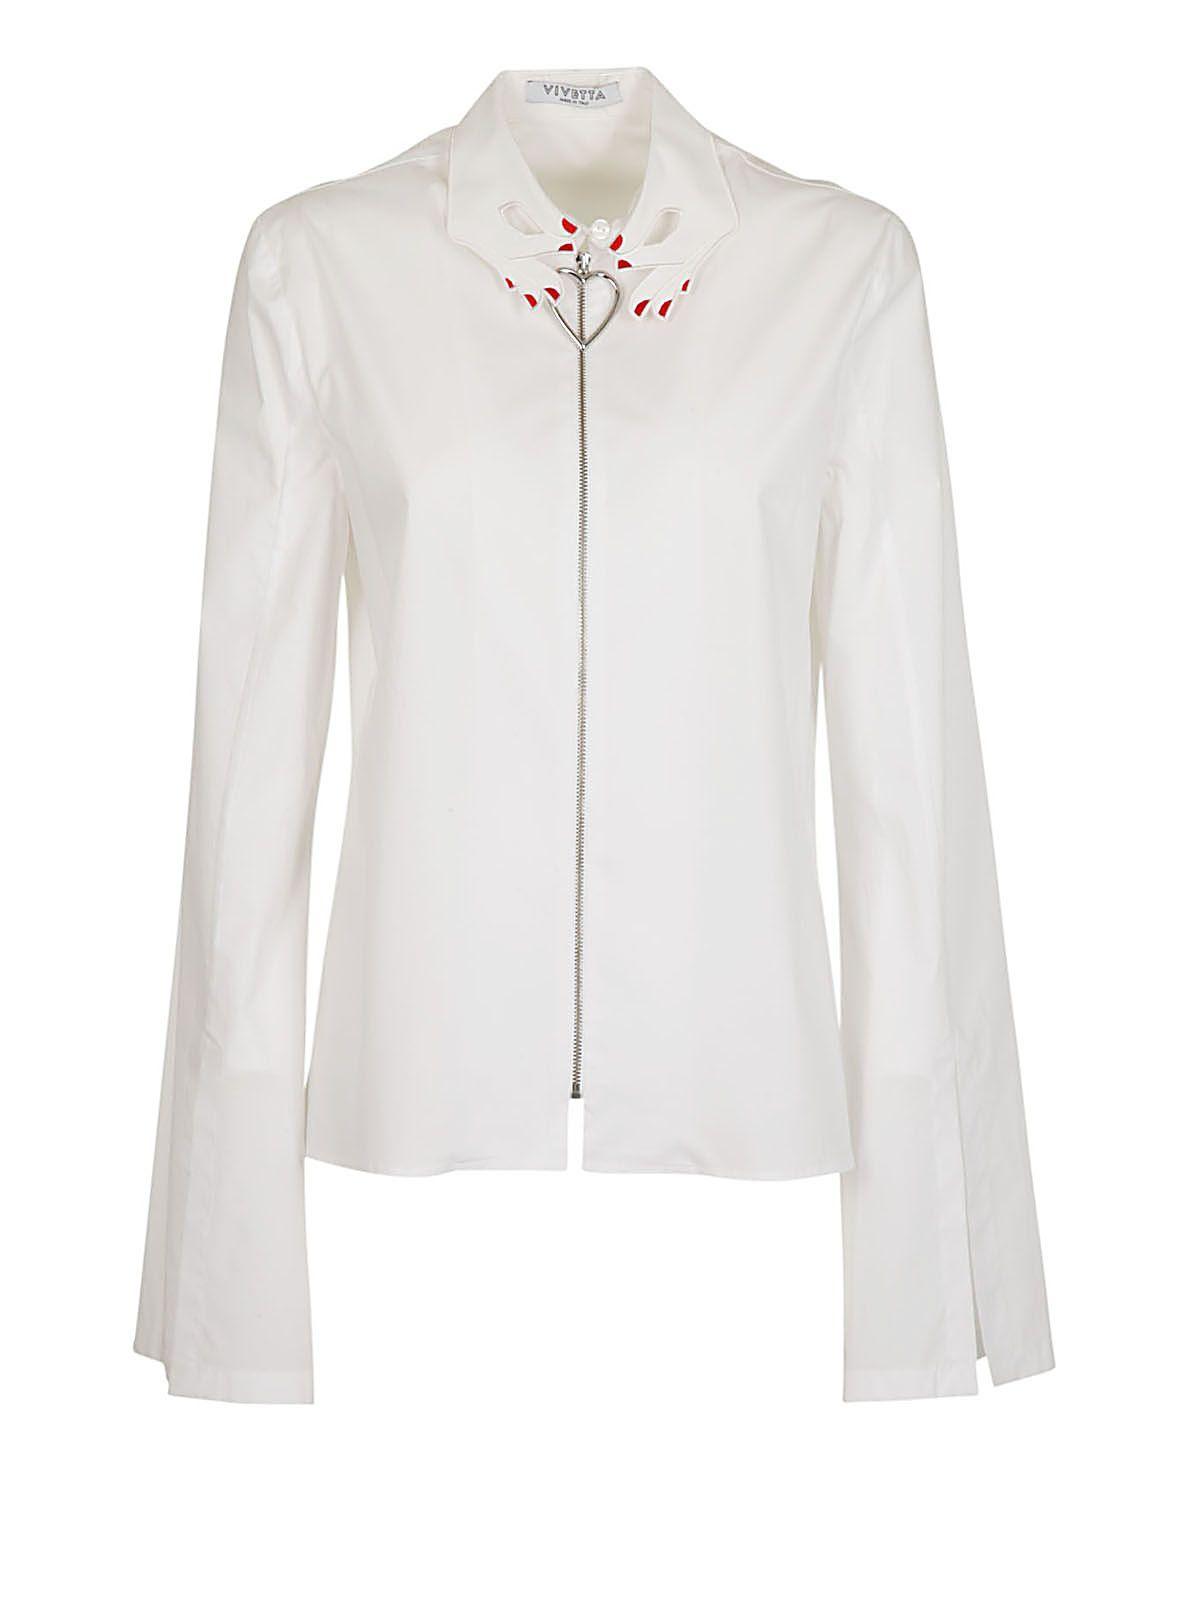 Vivetta Vivetta Embroidered Collar Shirt White 10559727 Italist